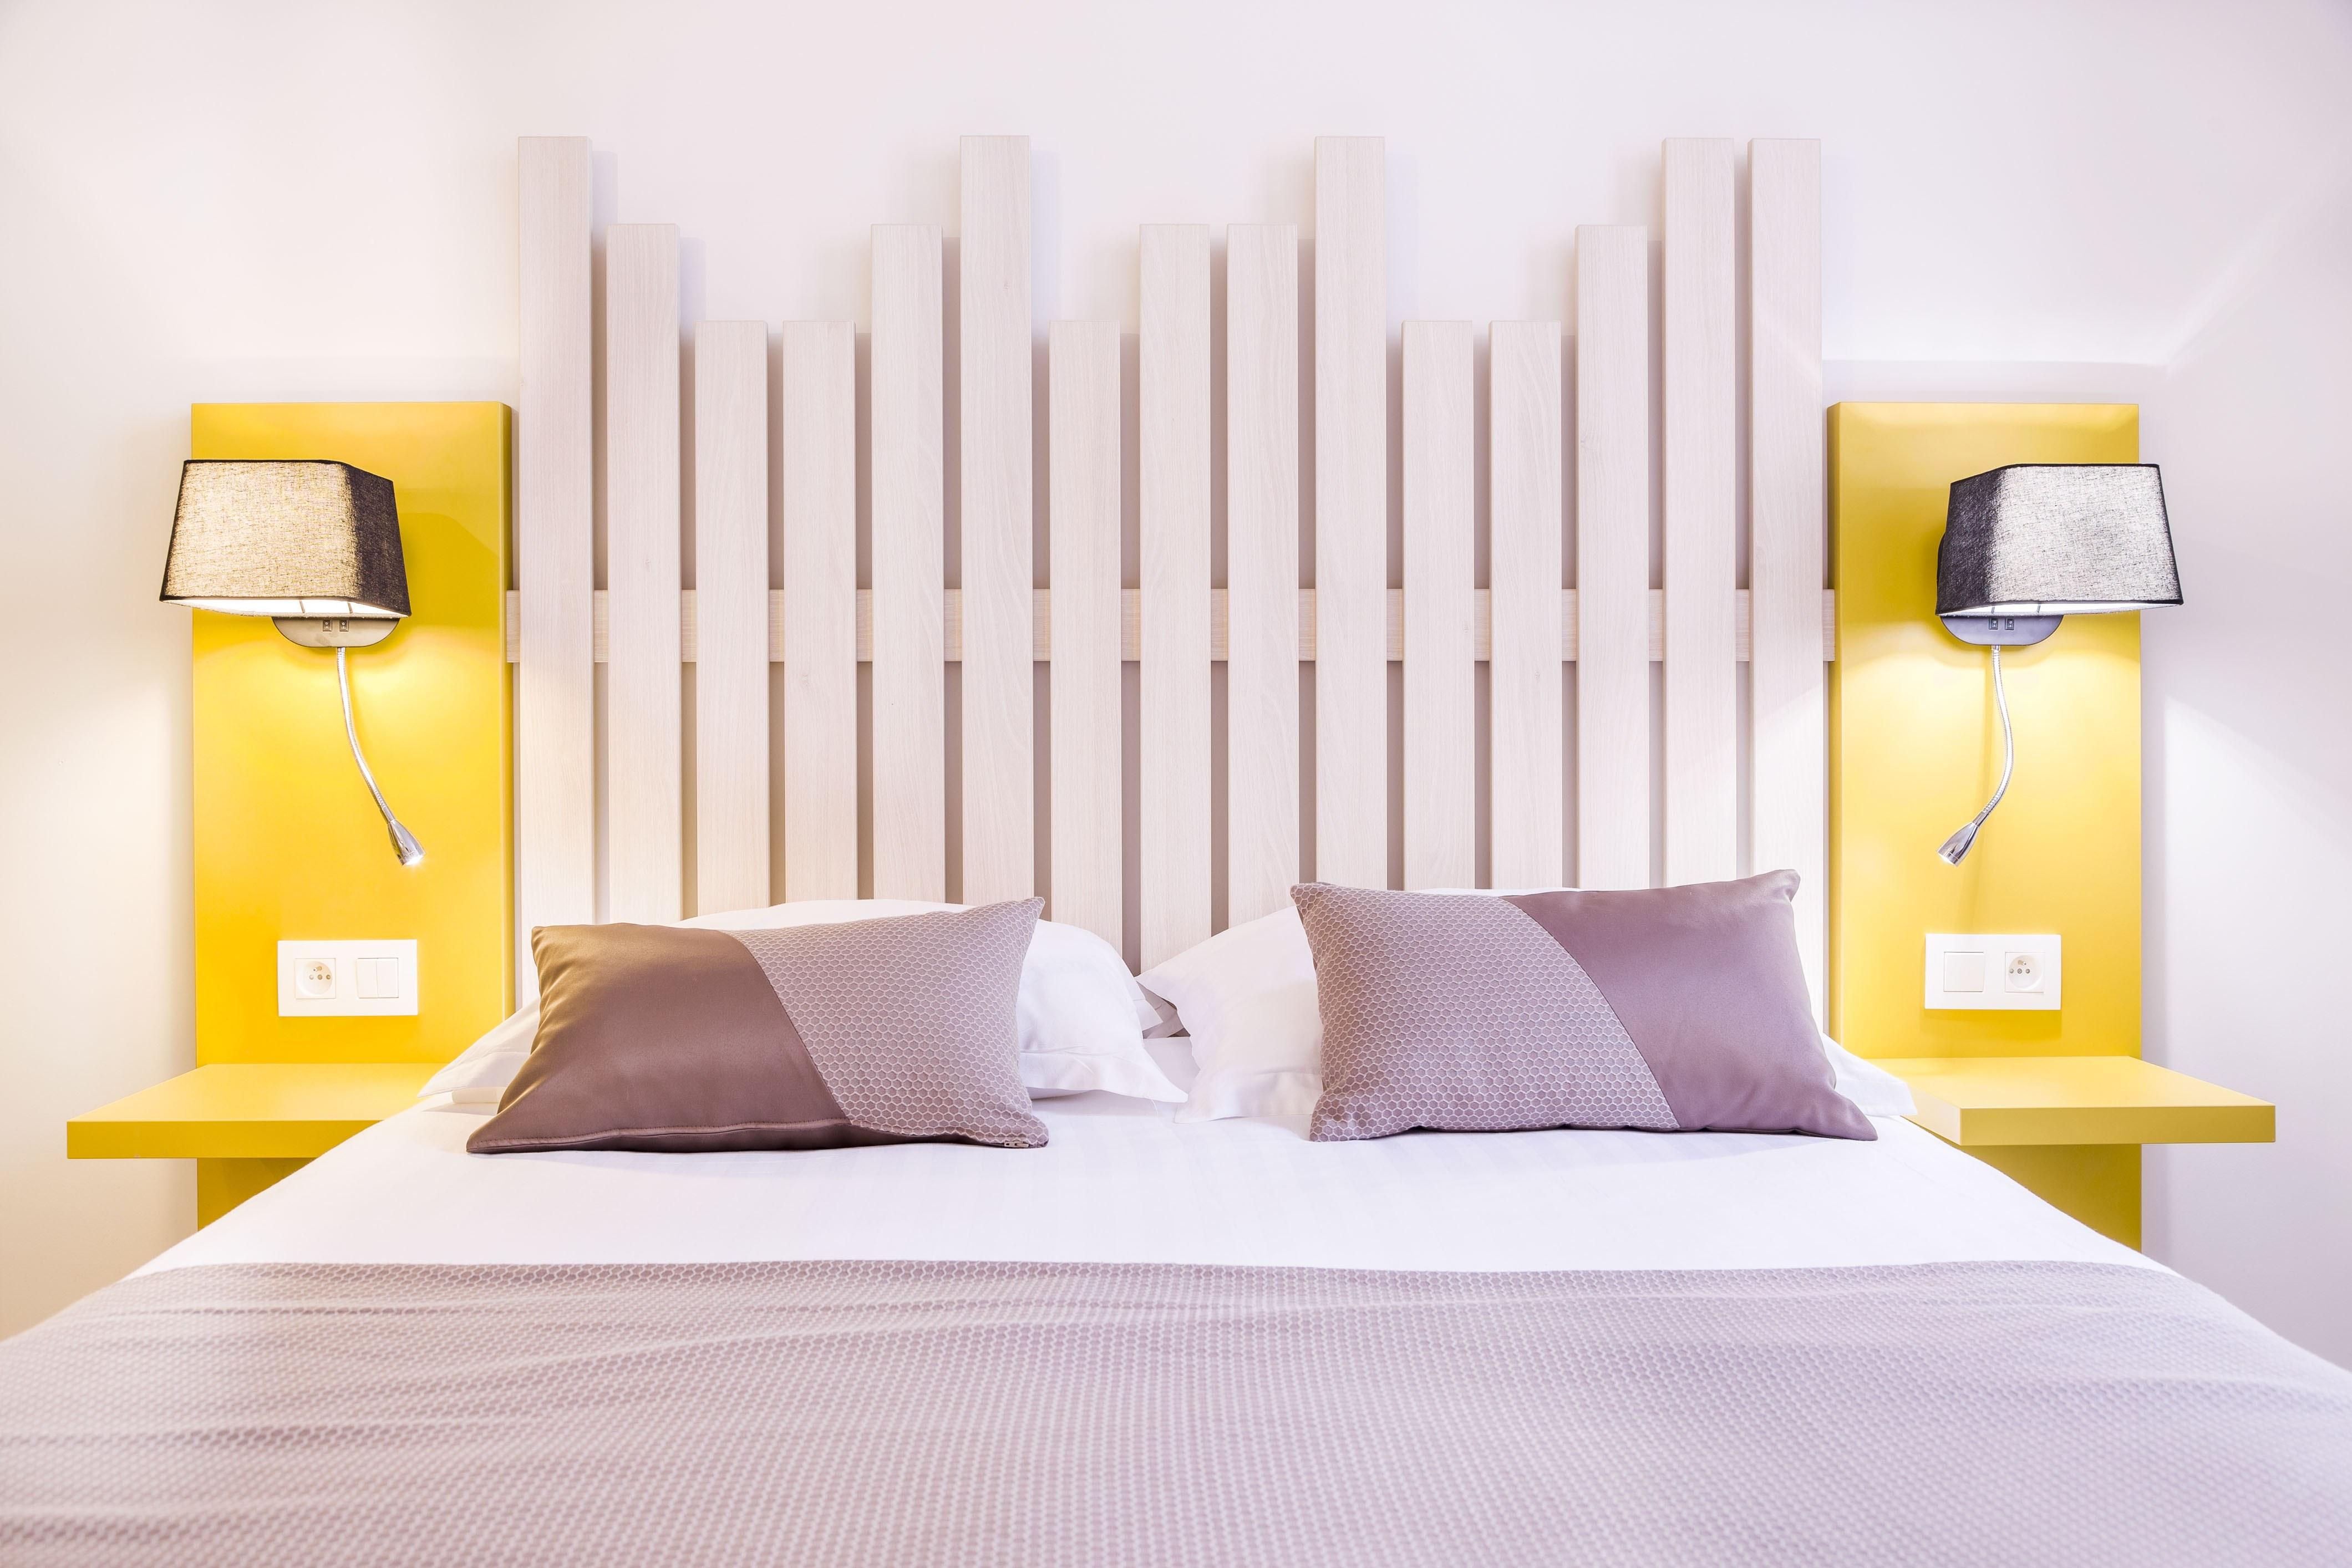 hôtel-proche-paris-la-defense-chambre-double-1